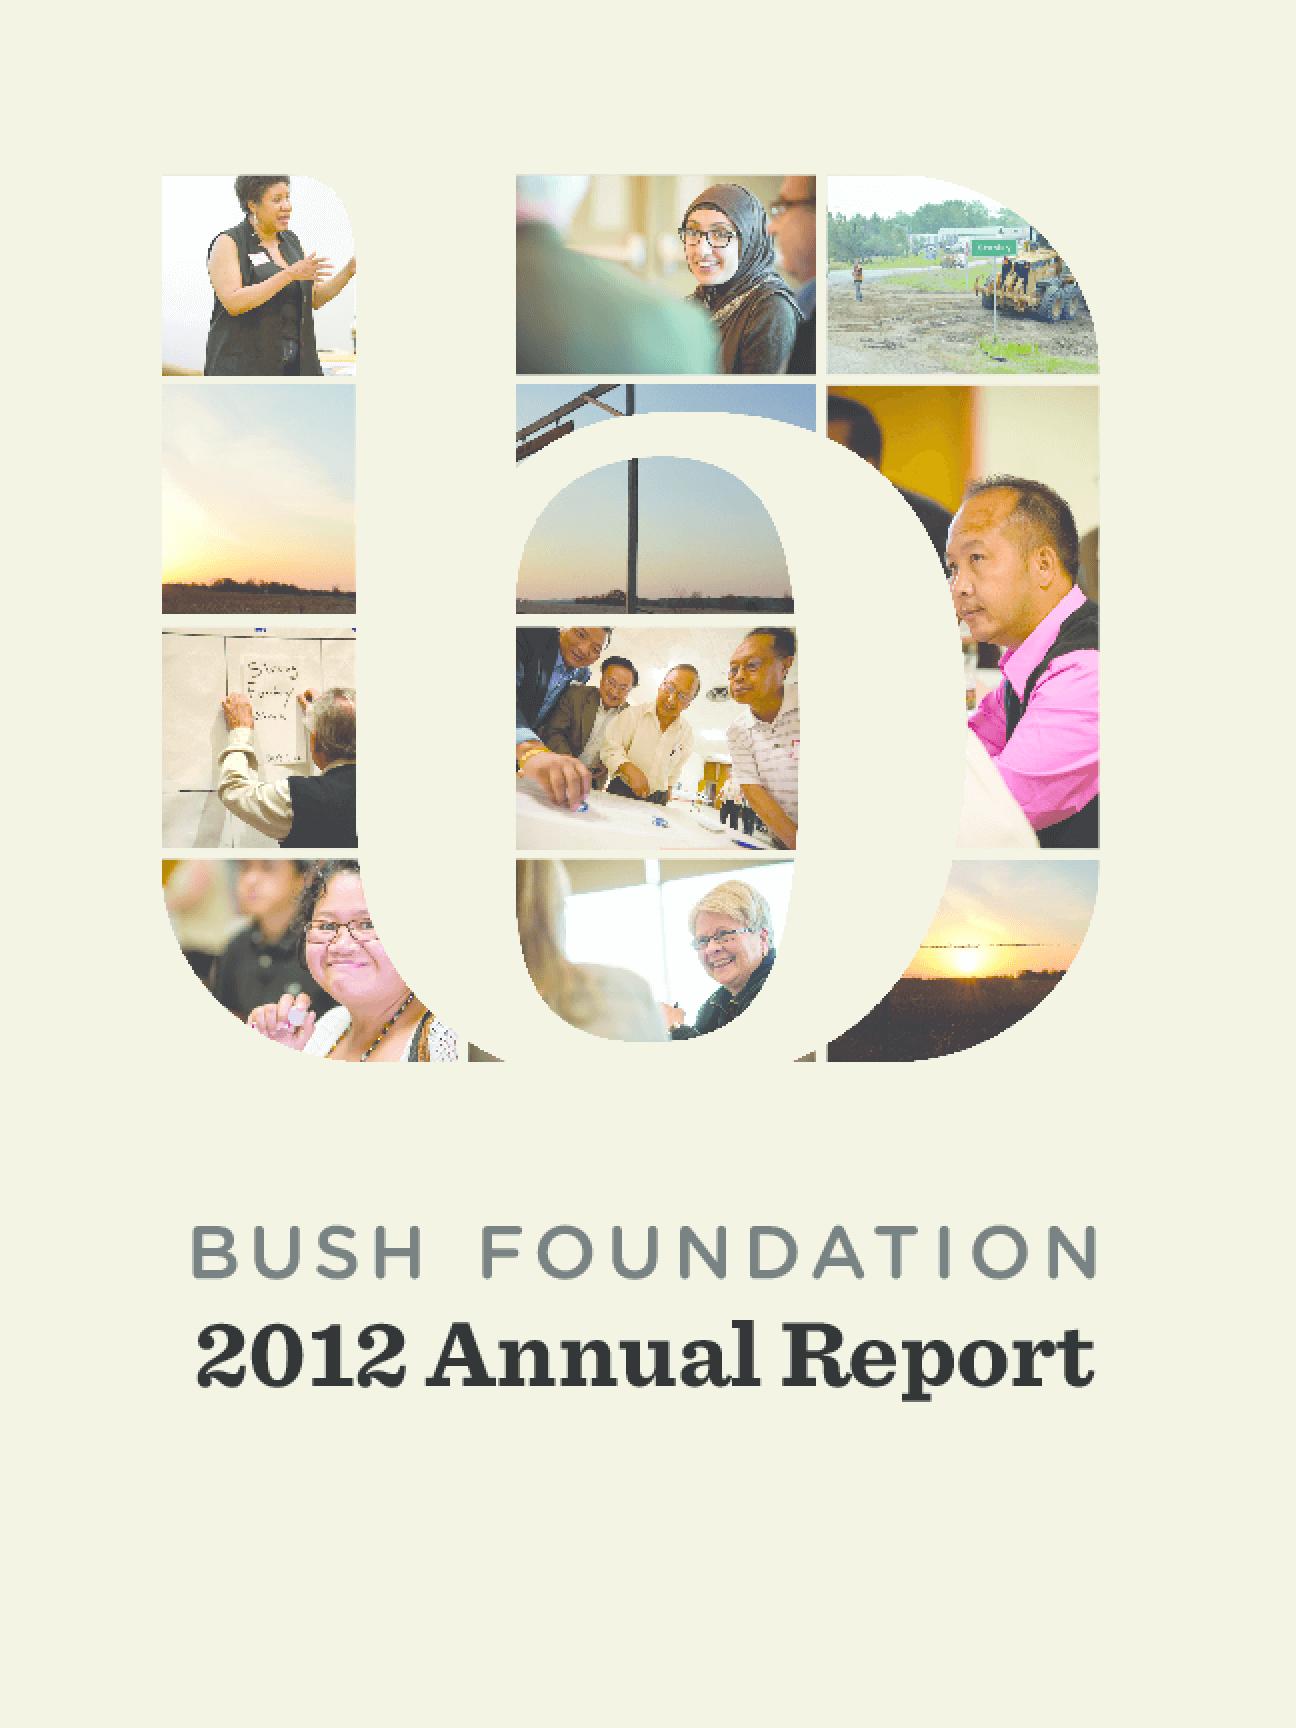 Bush Foundation 2012 Annual Report